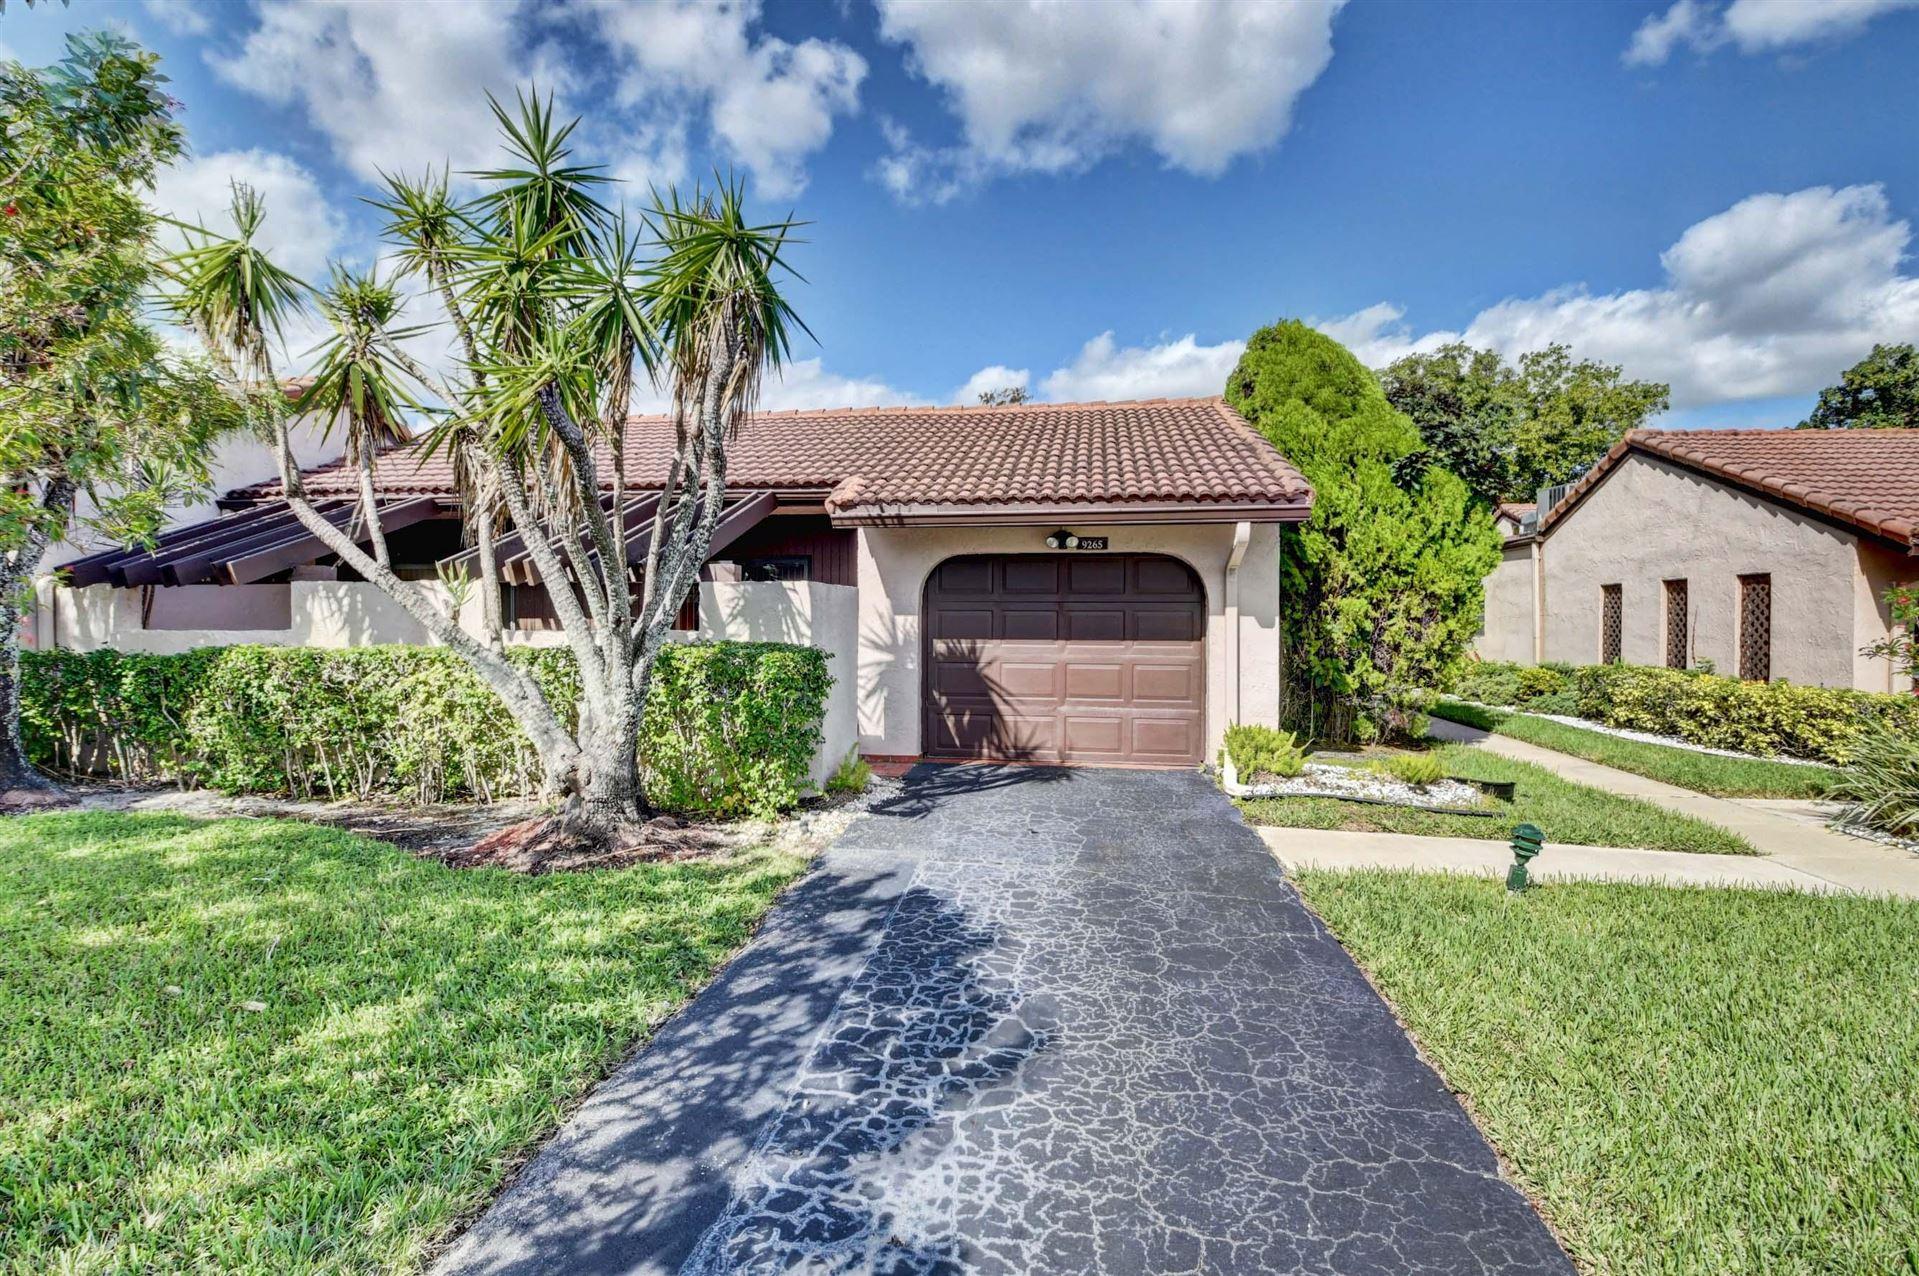 9265 Pecky Cypress Lane #14b, Boca Raton, FL 33428 - #: RX-10671981